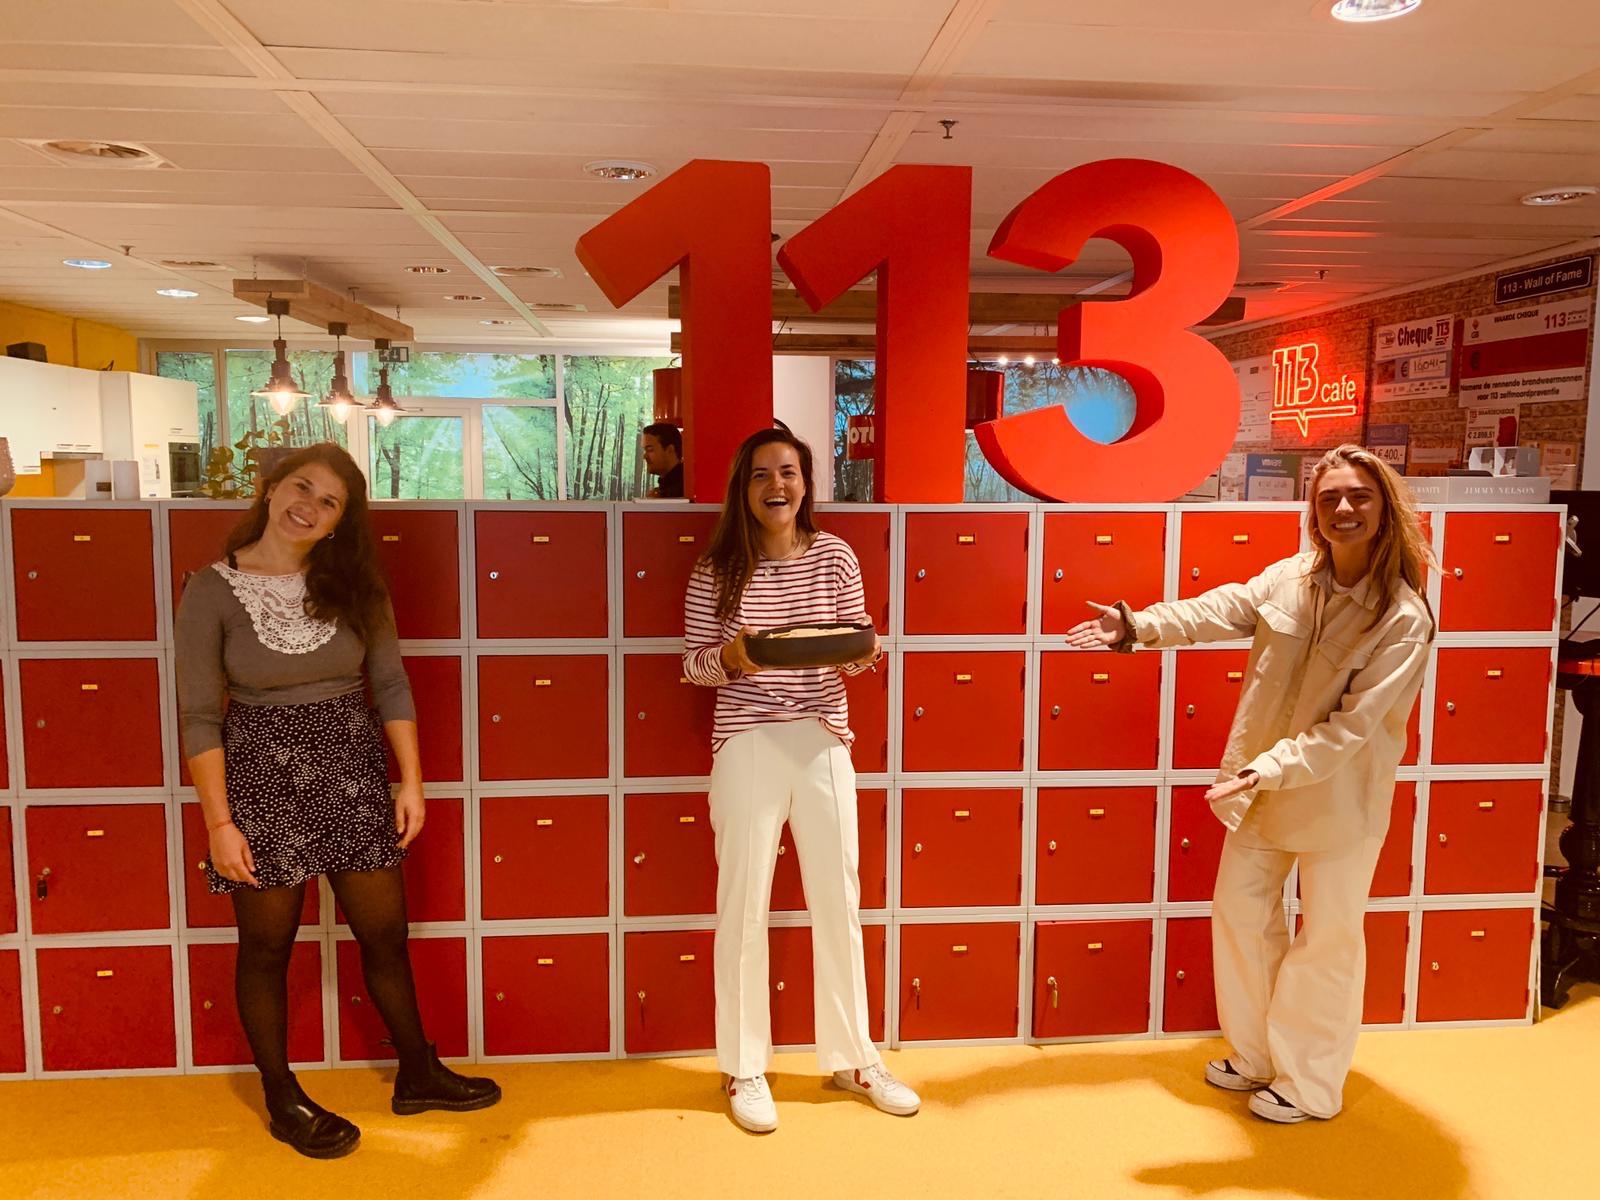 KnappeKoppen Vrijwillig brengt koekjes naar 113 Zelfmoordpreventie!